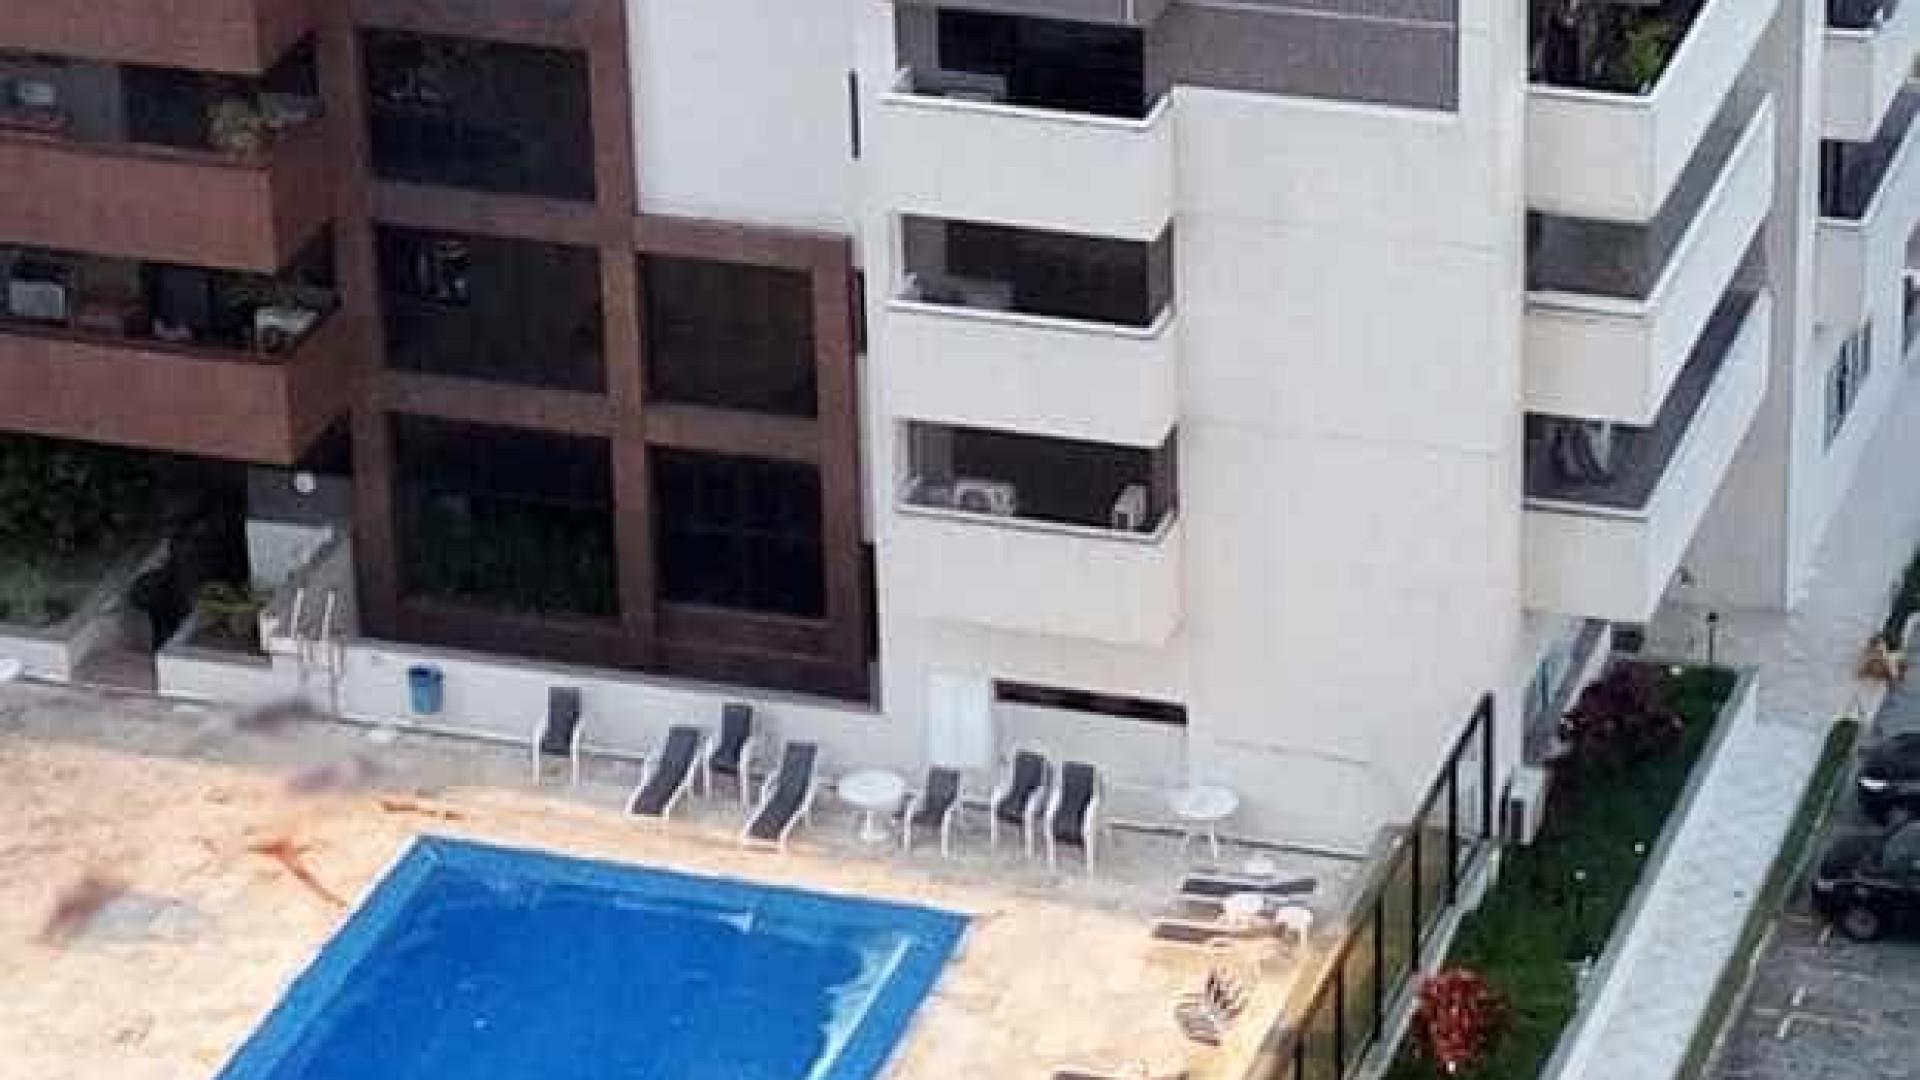 Crianças podem ter sido jogadas do 16º andar de prédio na Barra da Tijuca